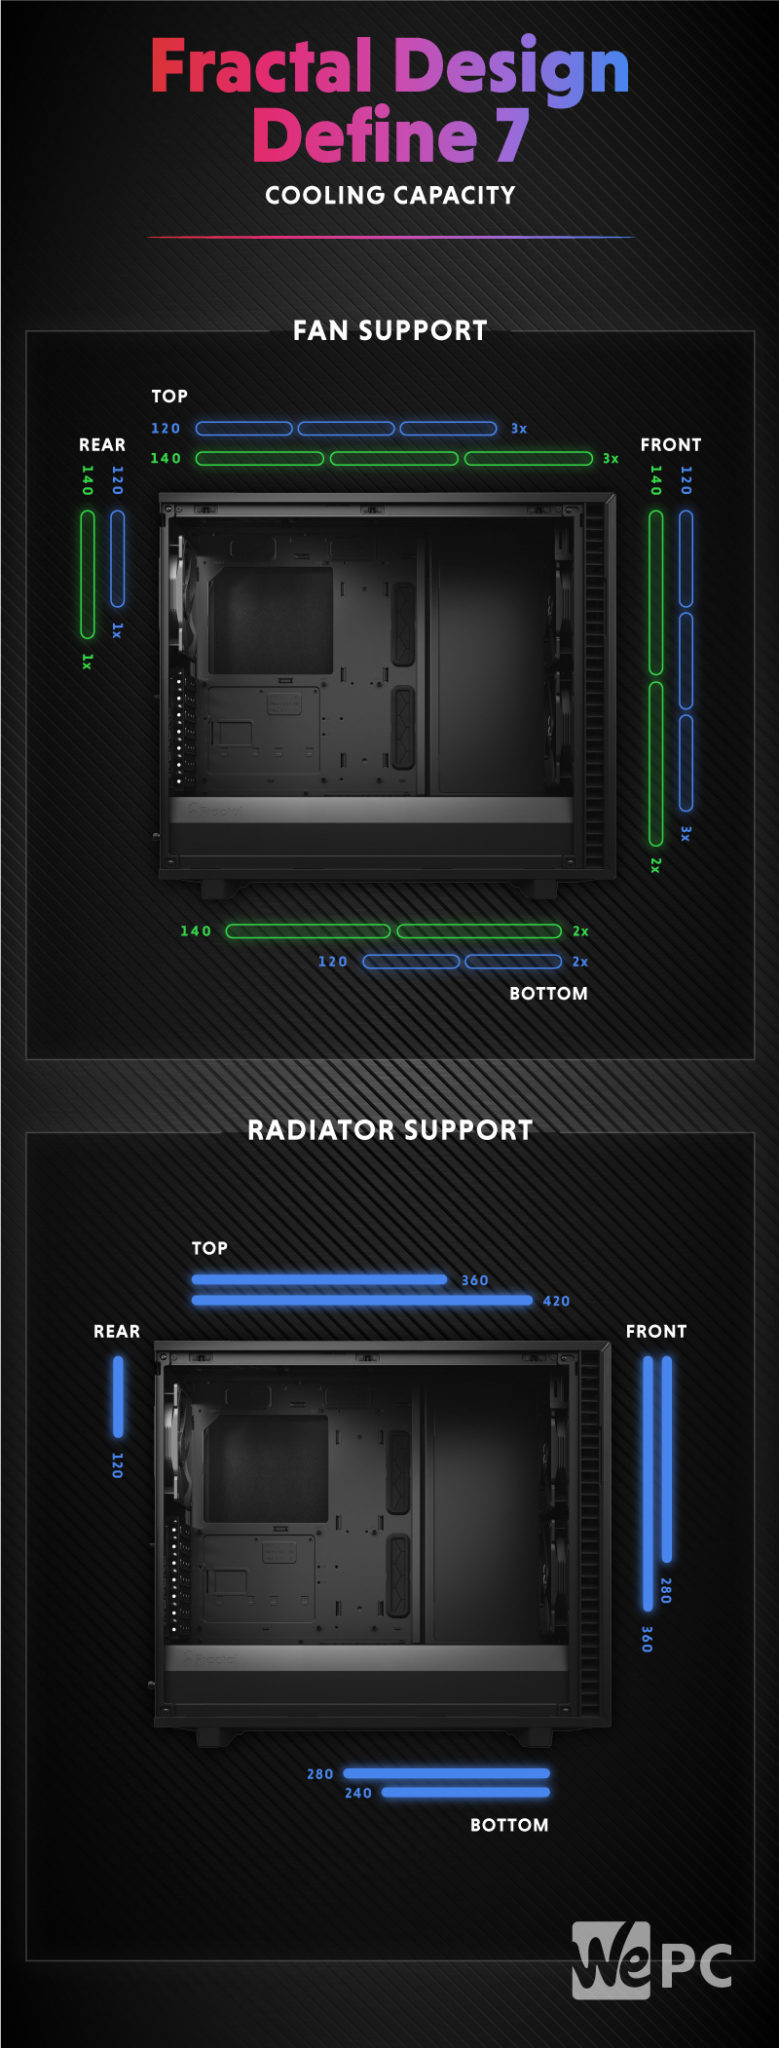 Fractal Design Define 7 Cooling Capacity